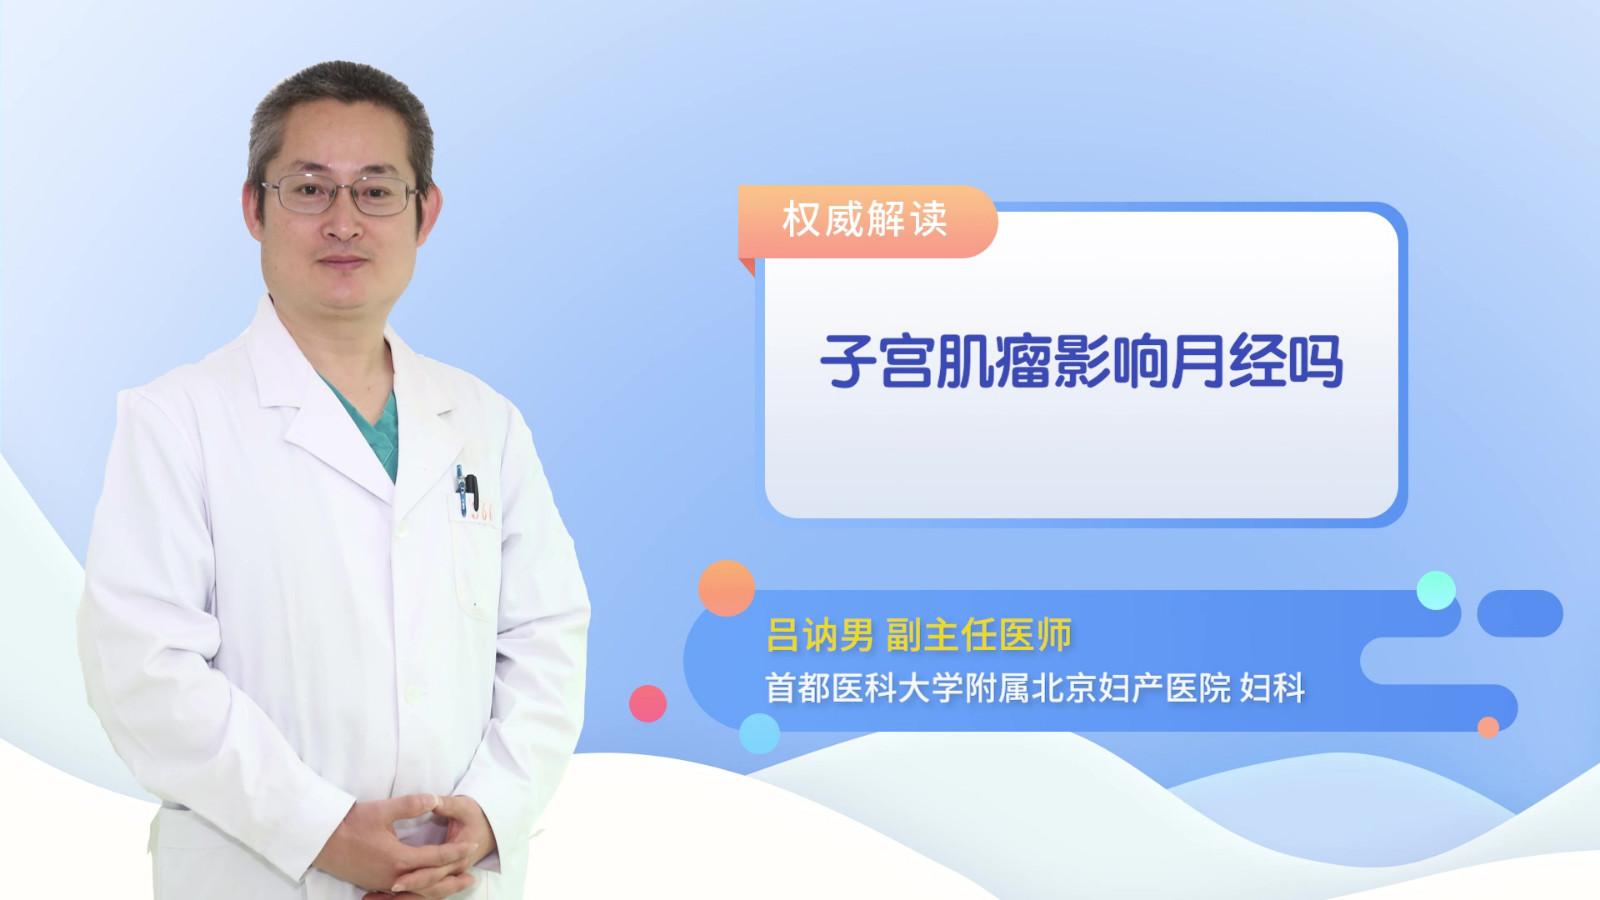 子宫肌瘤影响月经吗